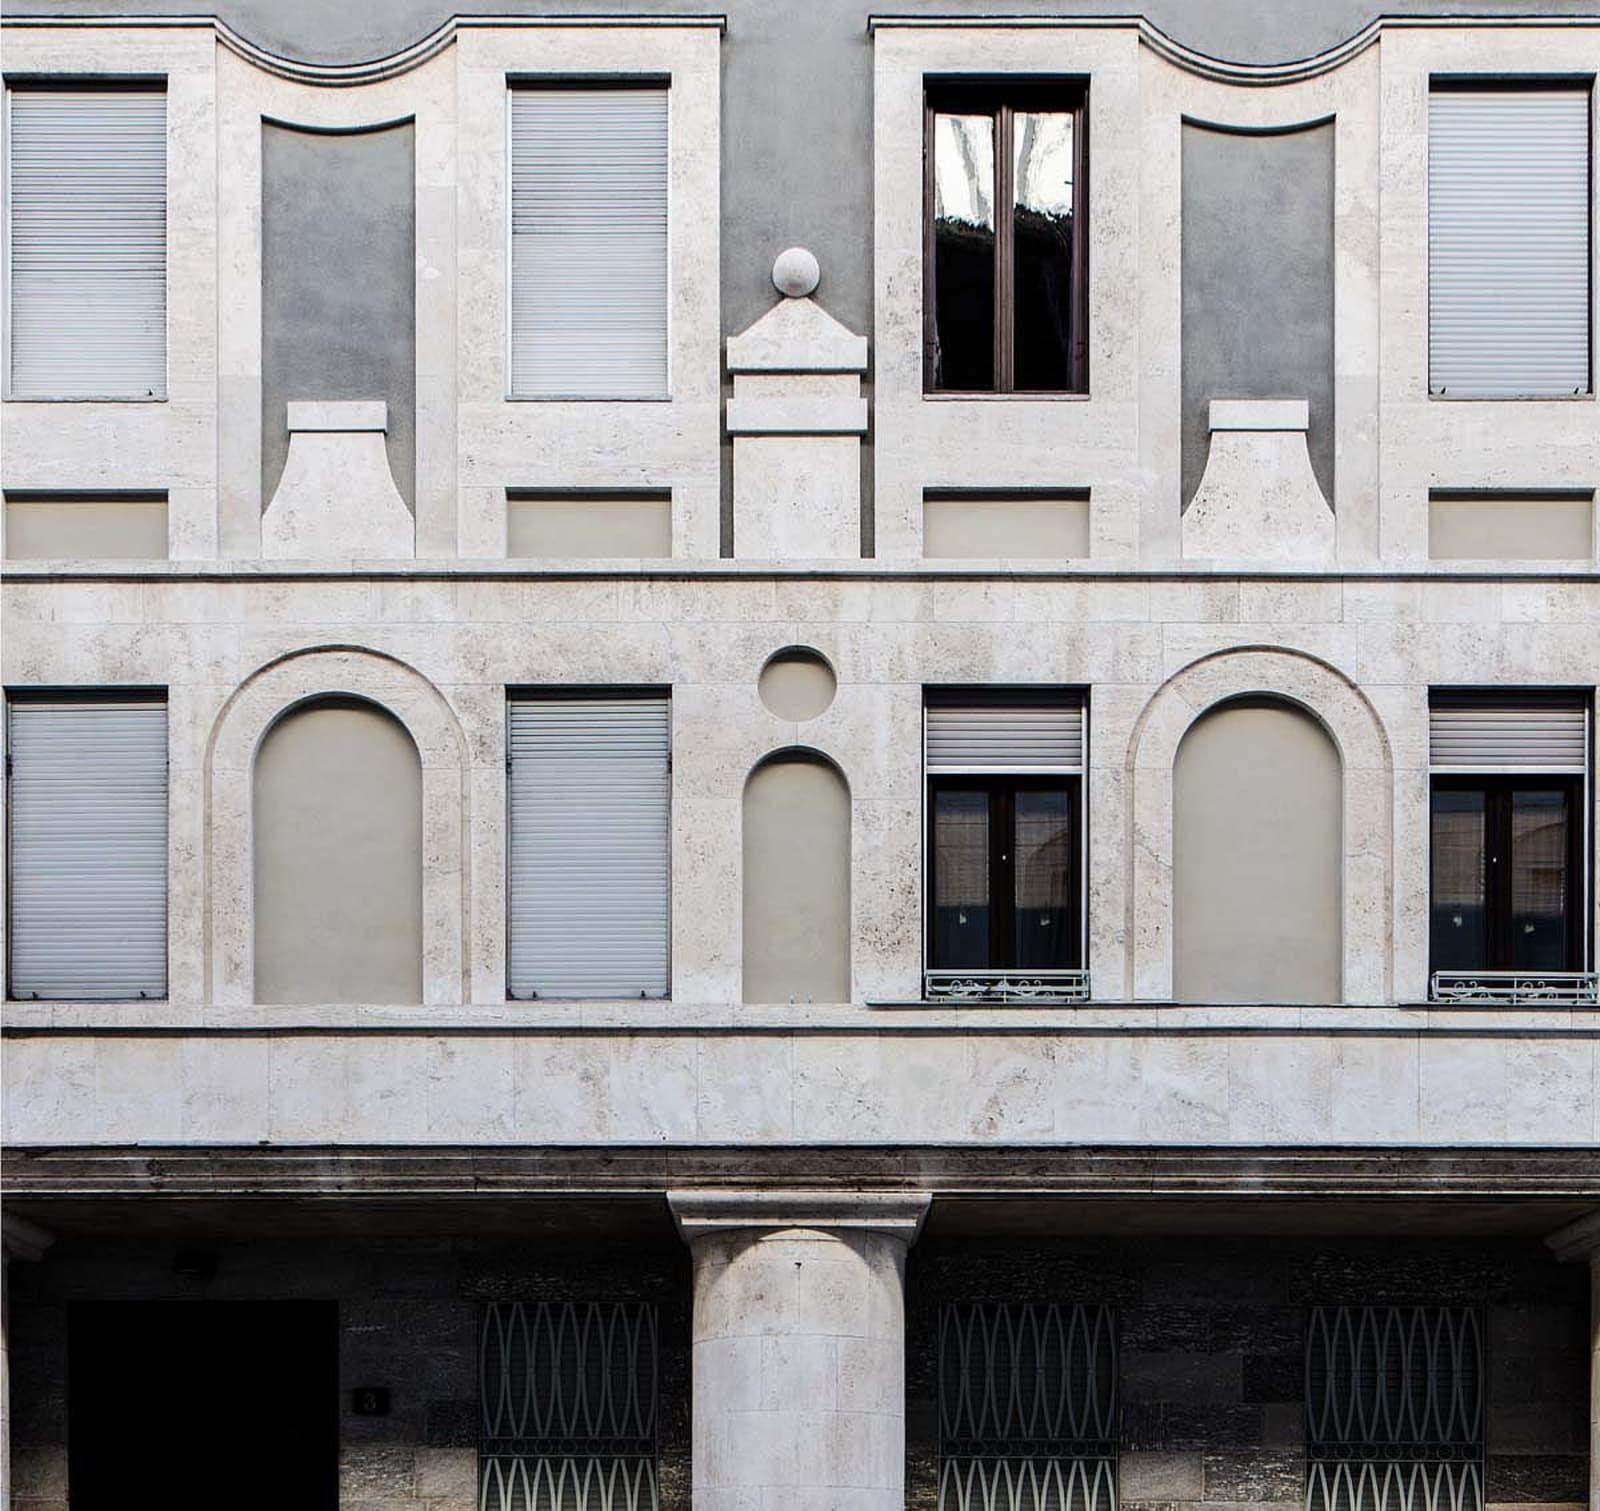 Giovanni muzio altrospazio · architetture milanesi